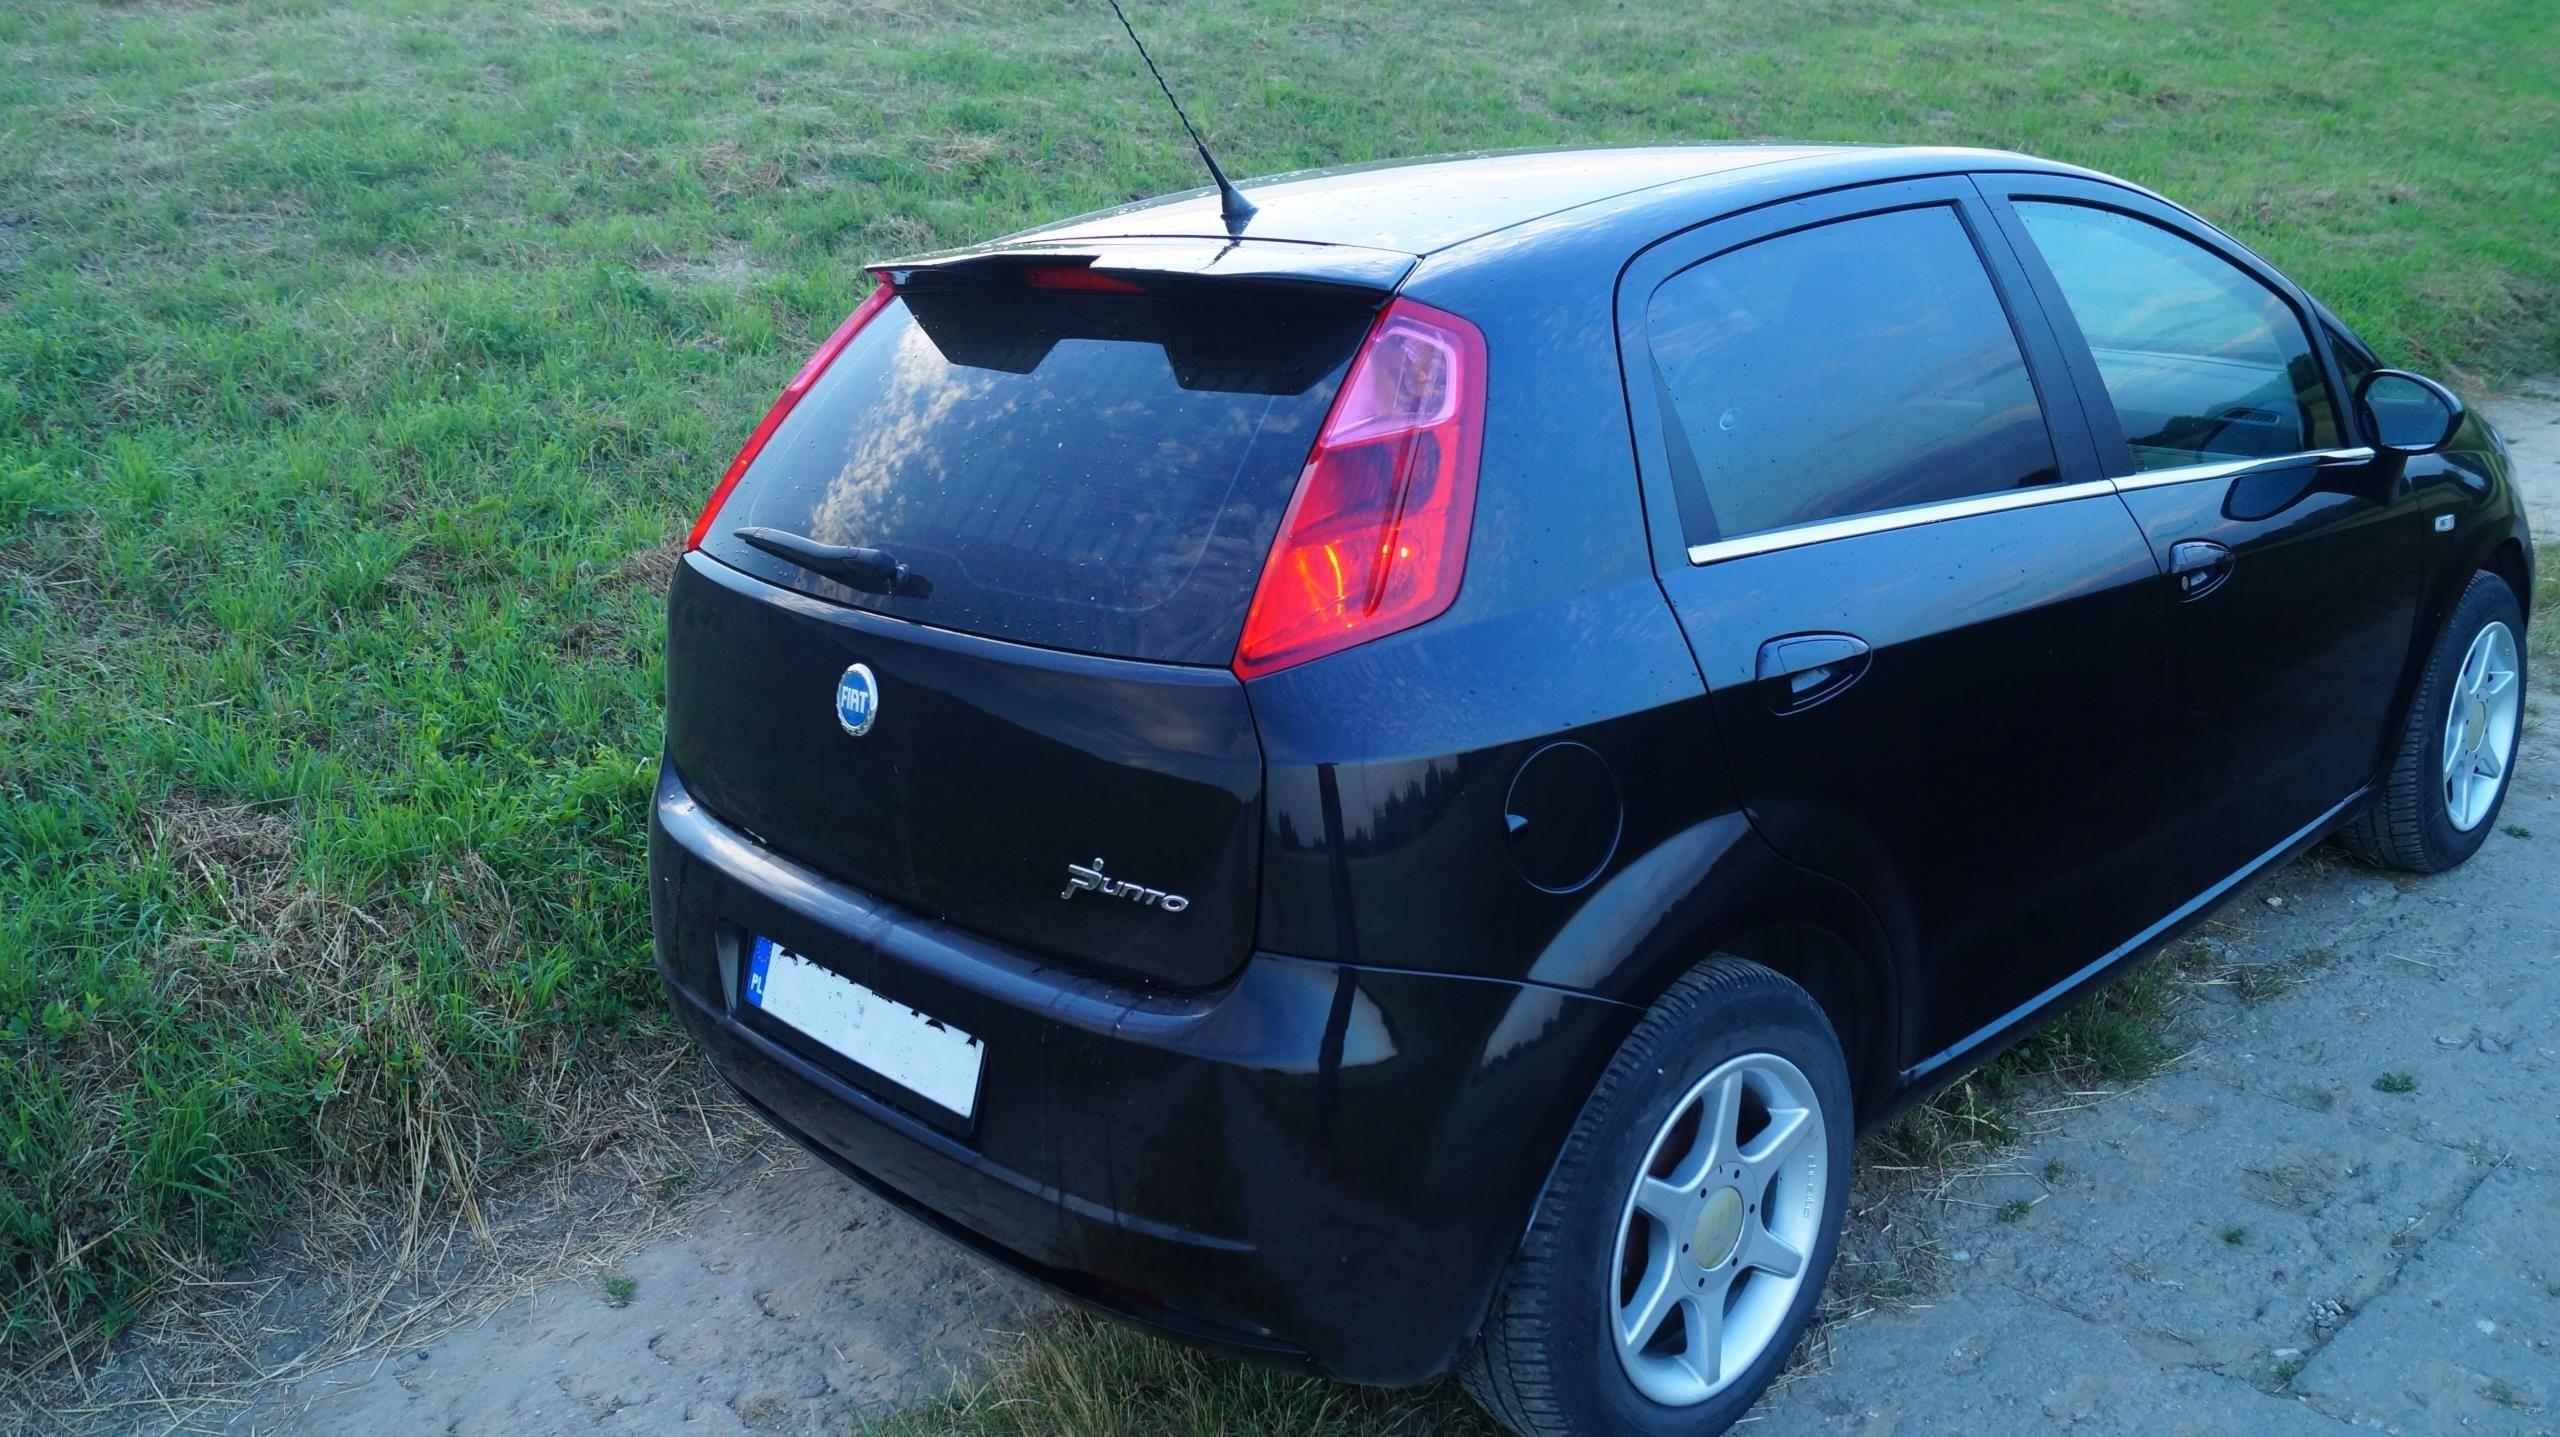 Fiat Grande Punto Opony Zimowe Na Felgach Stal Opinie I Ceny Na